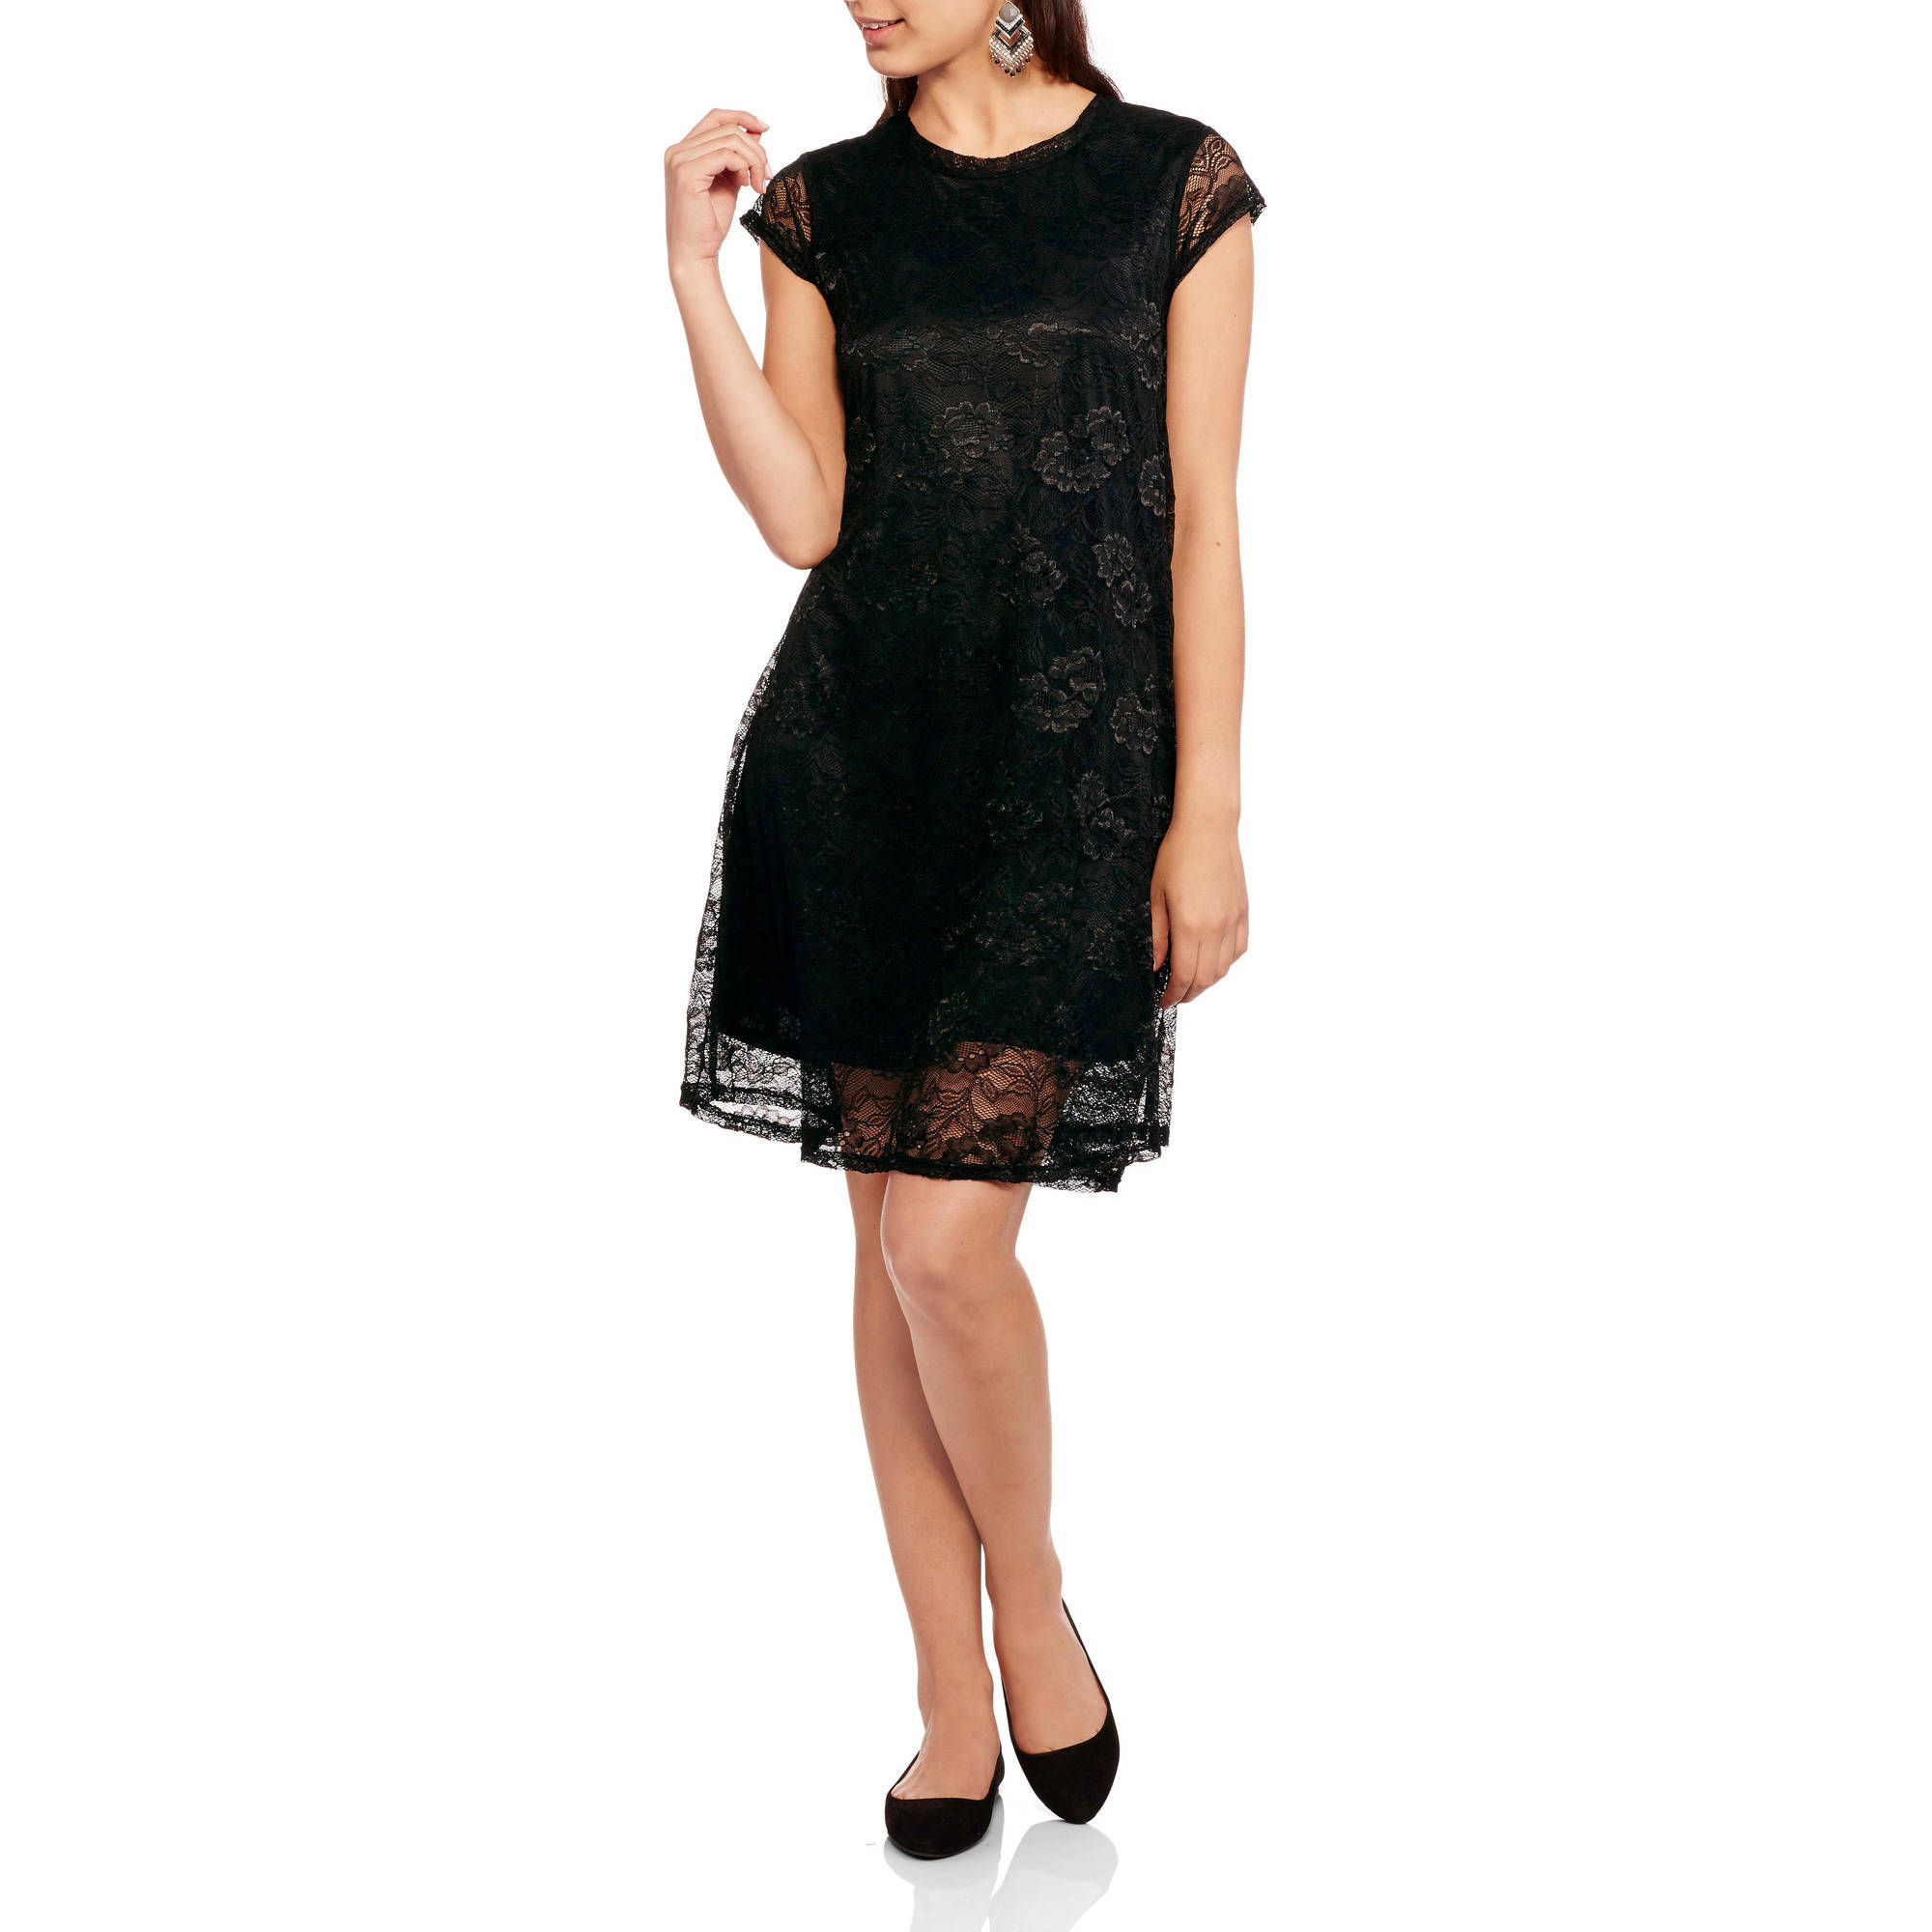 Moral Fiber Juniors' Black Lace Dress